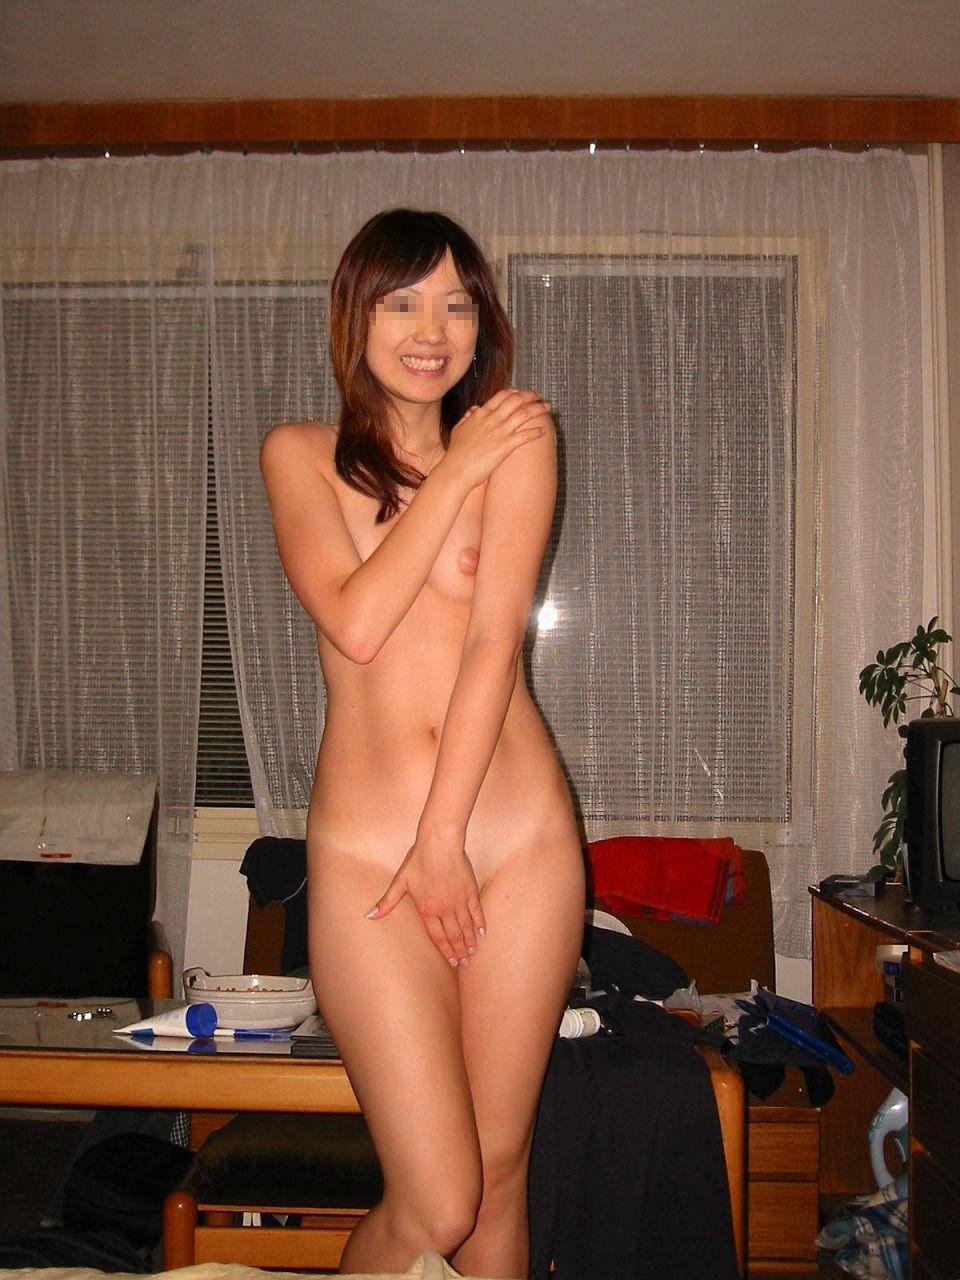 女学生裸体 うちの会社の女性社員がネット上でヌード写真公開されてるwww